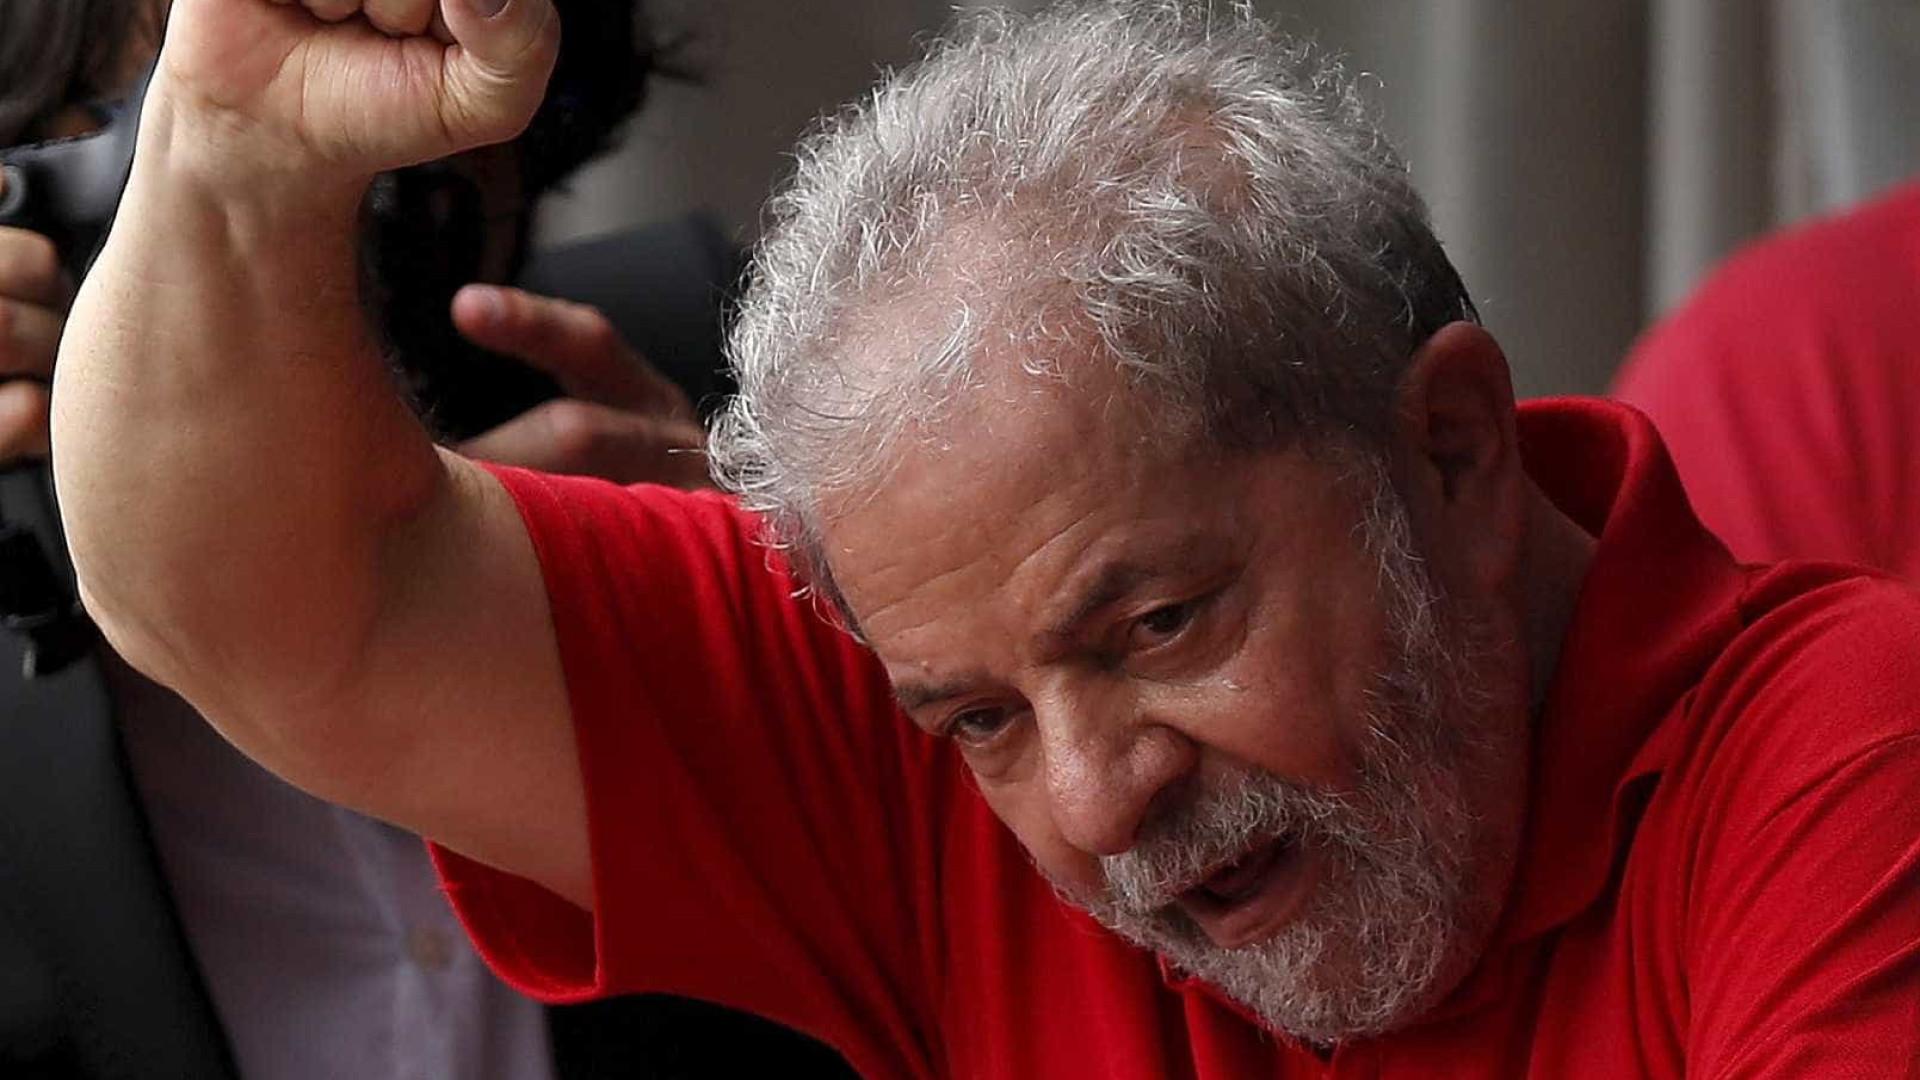 Mandado de prisão de Lula repercute na imprensa internacional